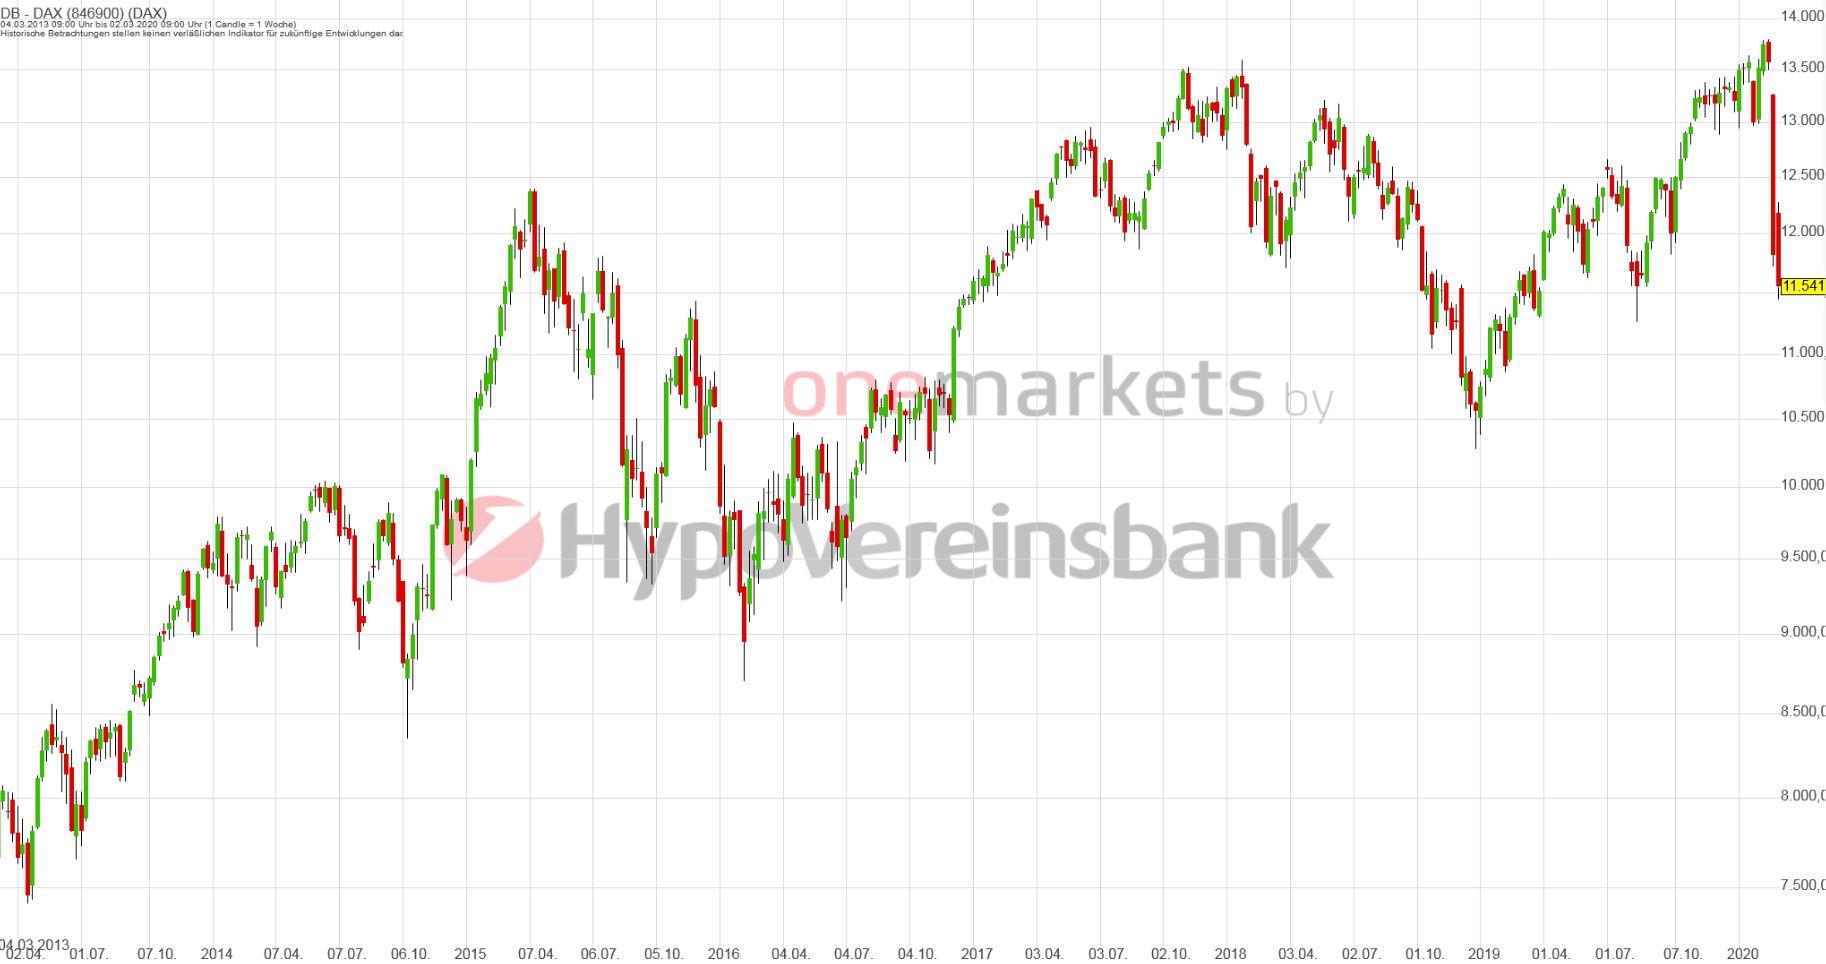 Betrachtungszeitraum: 06.03.2014 – 05.03.2020. Historische Betrachtungen stellen keine verlässlichen Indikatoren für zukünftige Entwicklungen dar. Quelle: tradingdesk.onemarkets.de